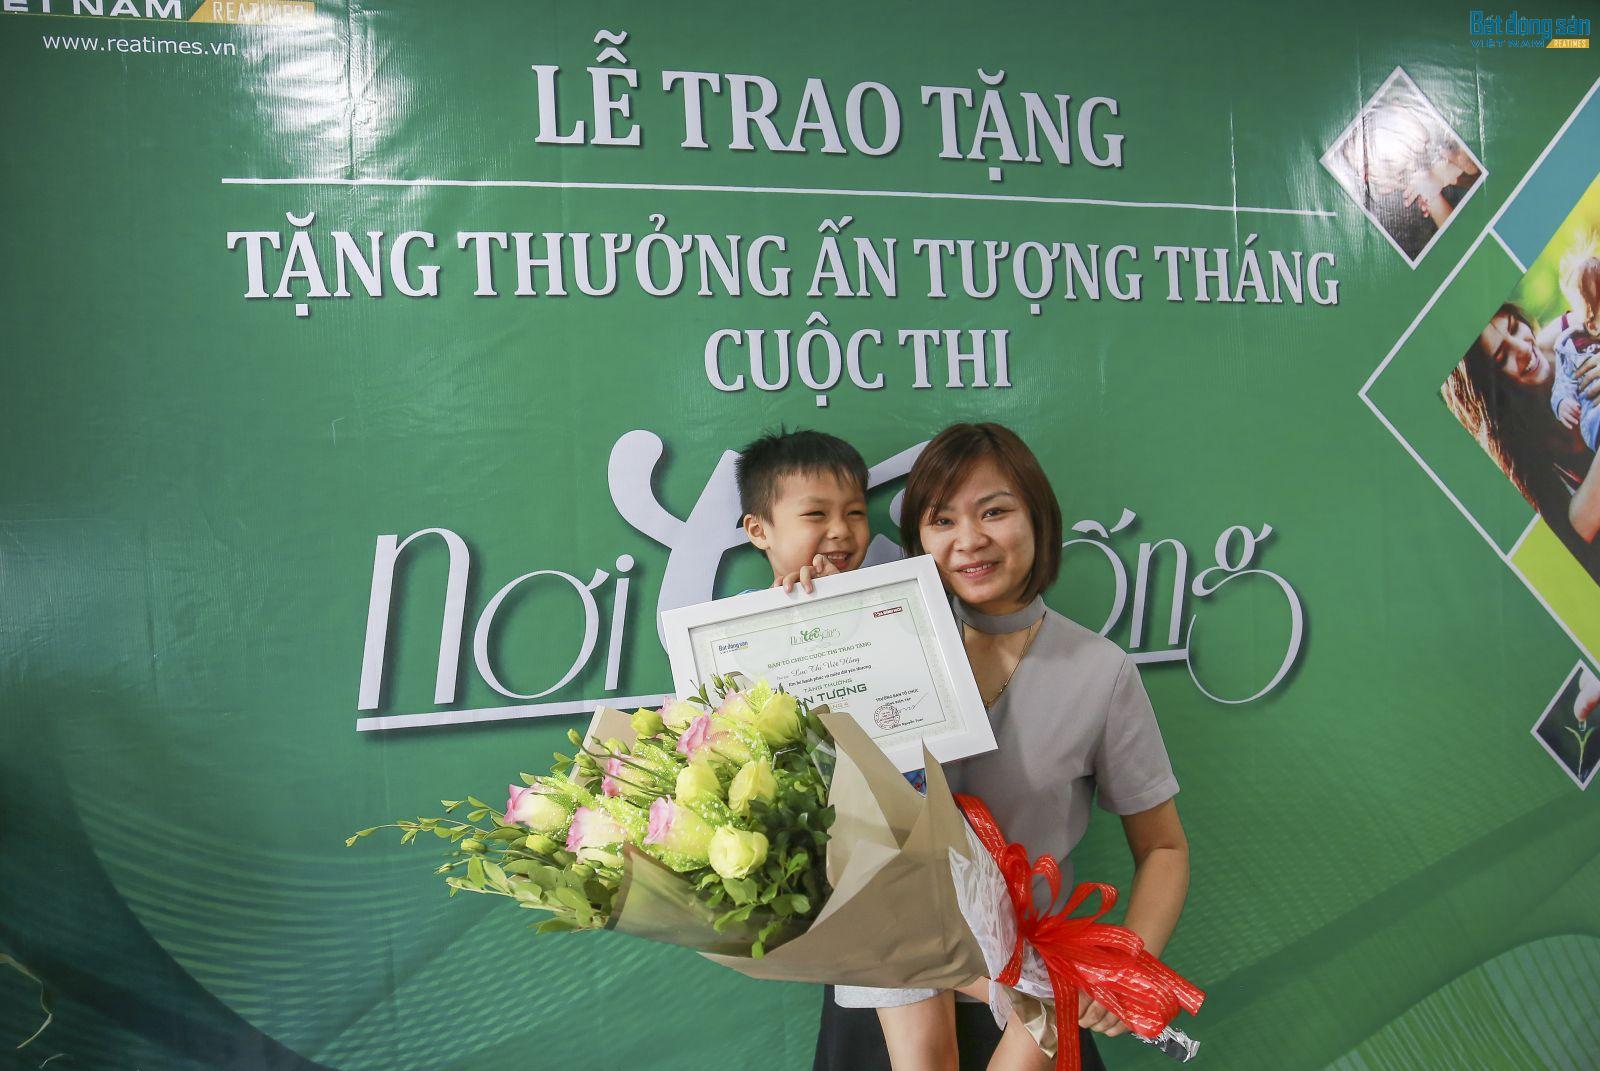 Hai mẹ con chị Lục Thị Việt Hồng, tác giả của bài Em bé hạnh phúc và miền đất yêu thương